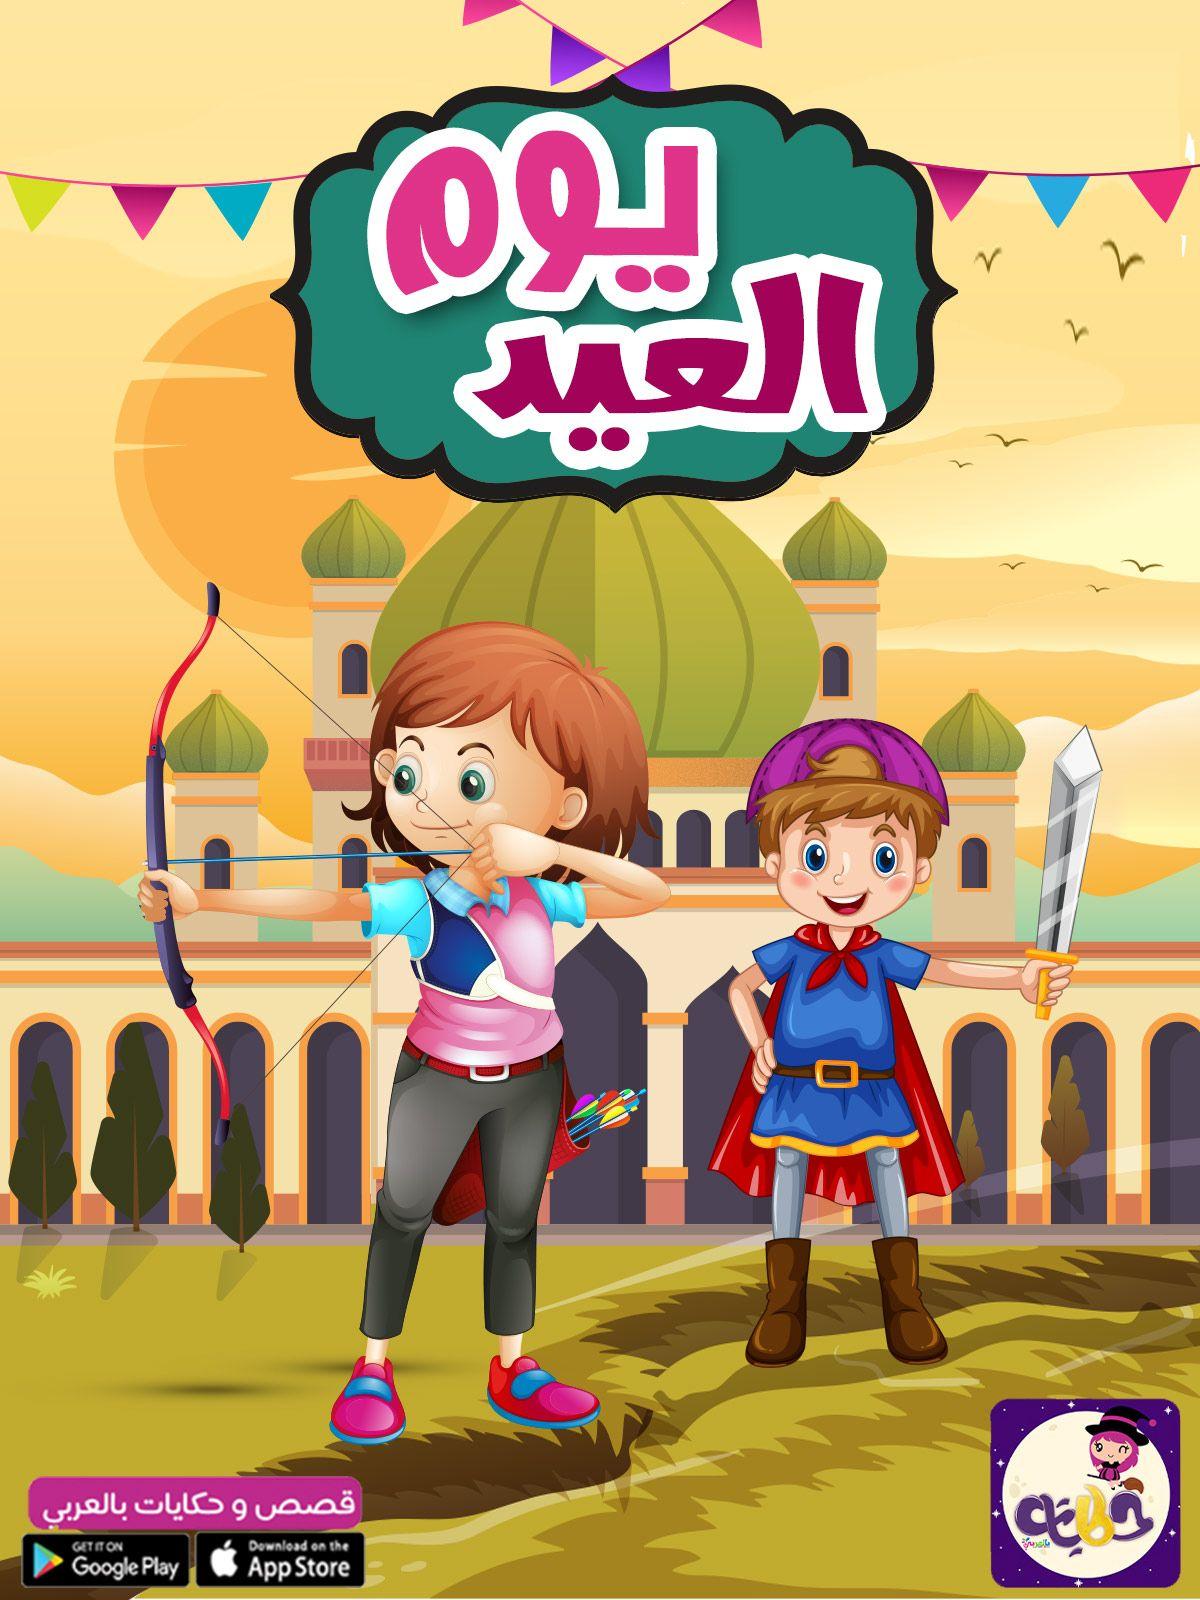 قصة يوم العيد قصص العيد قصيرة مصورة للاطفال تطبيق حكايات بالعربي قصص اطفال هادفة Stories For Kids Arabic Kids Mario Characters